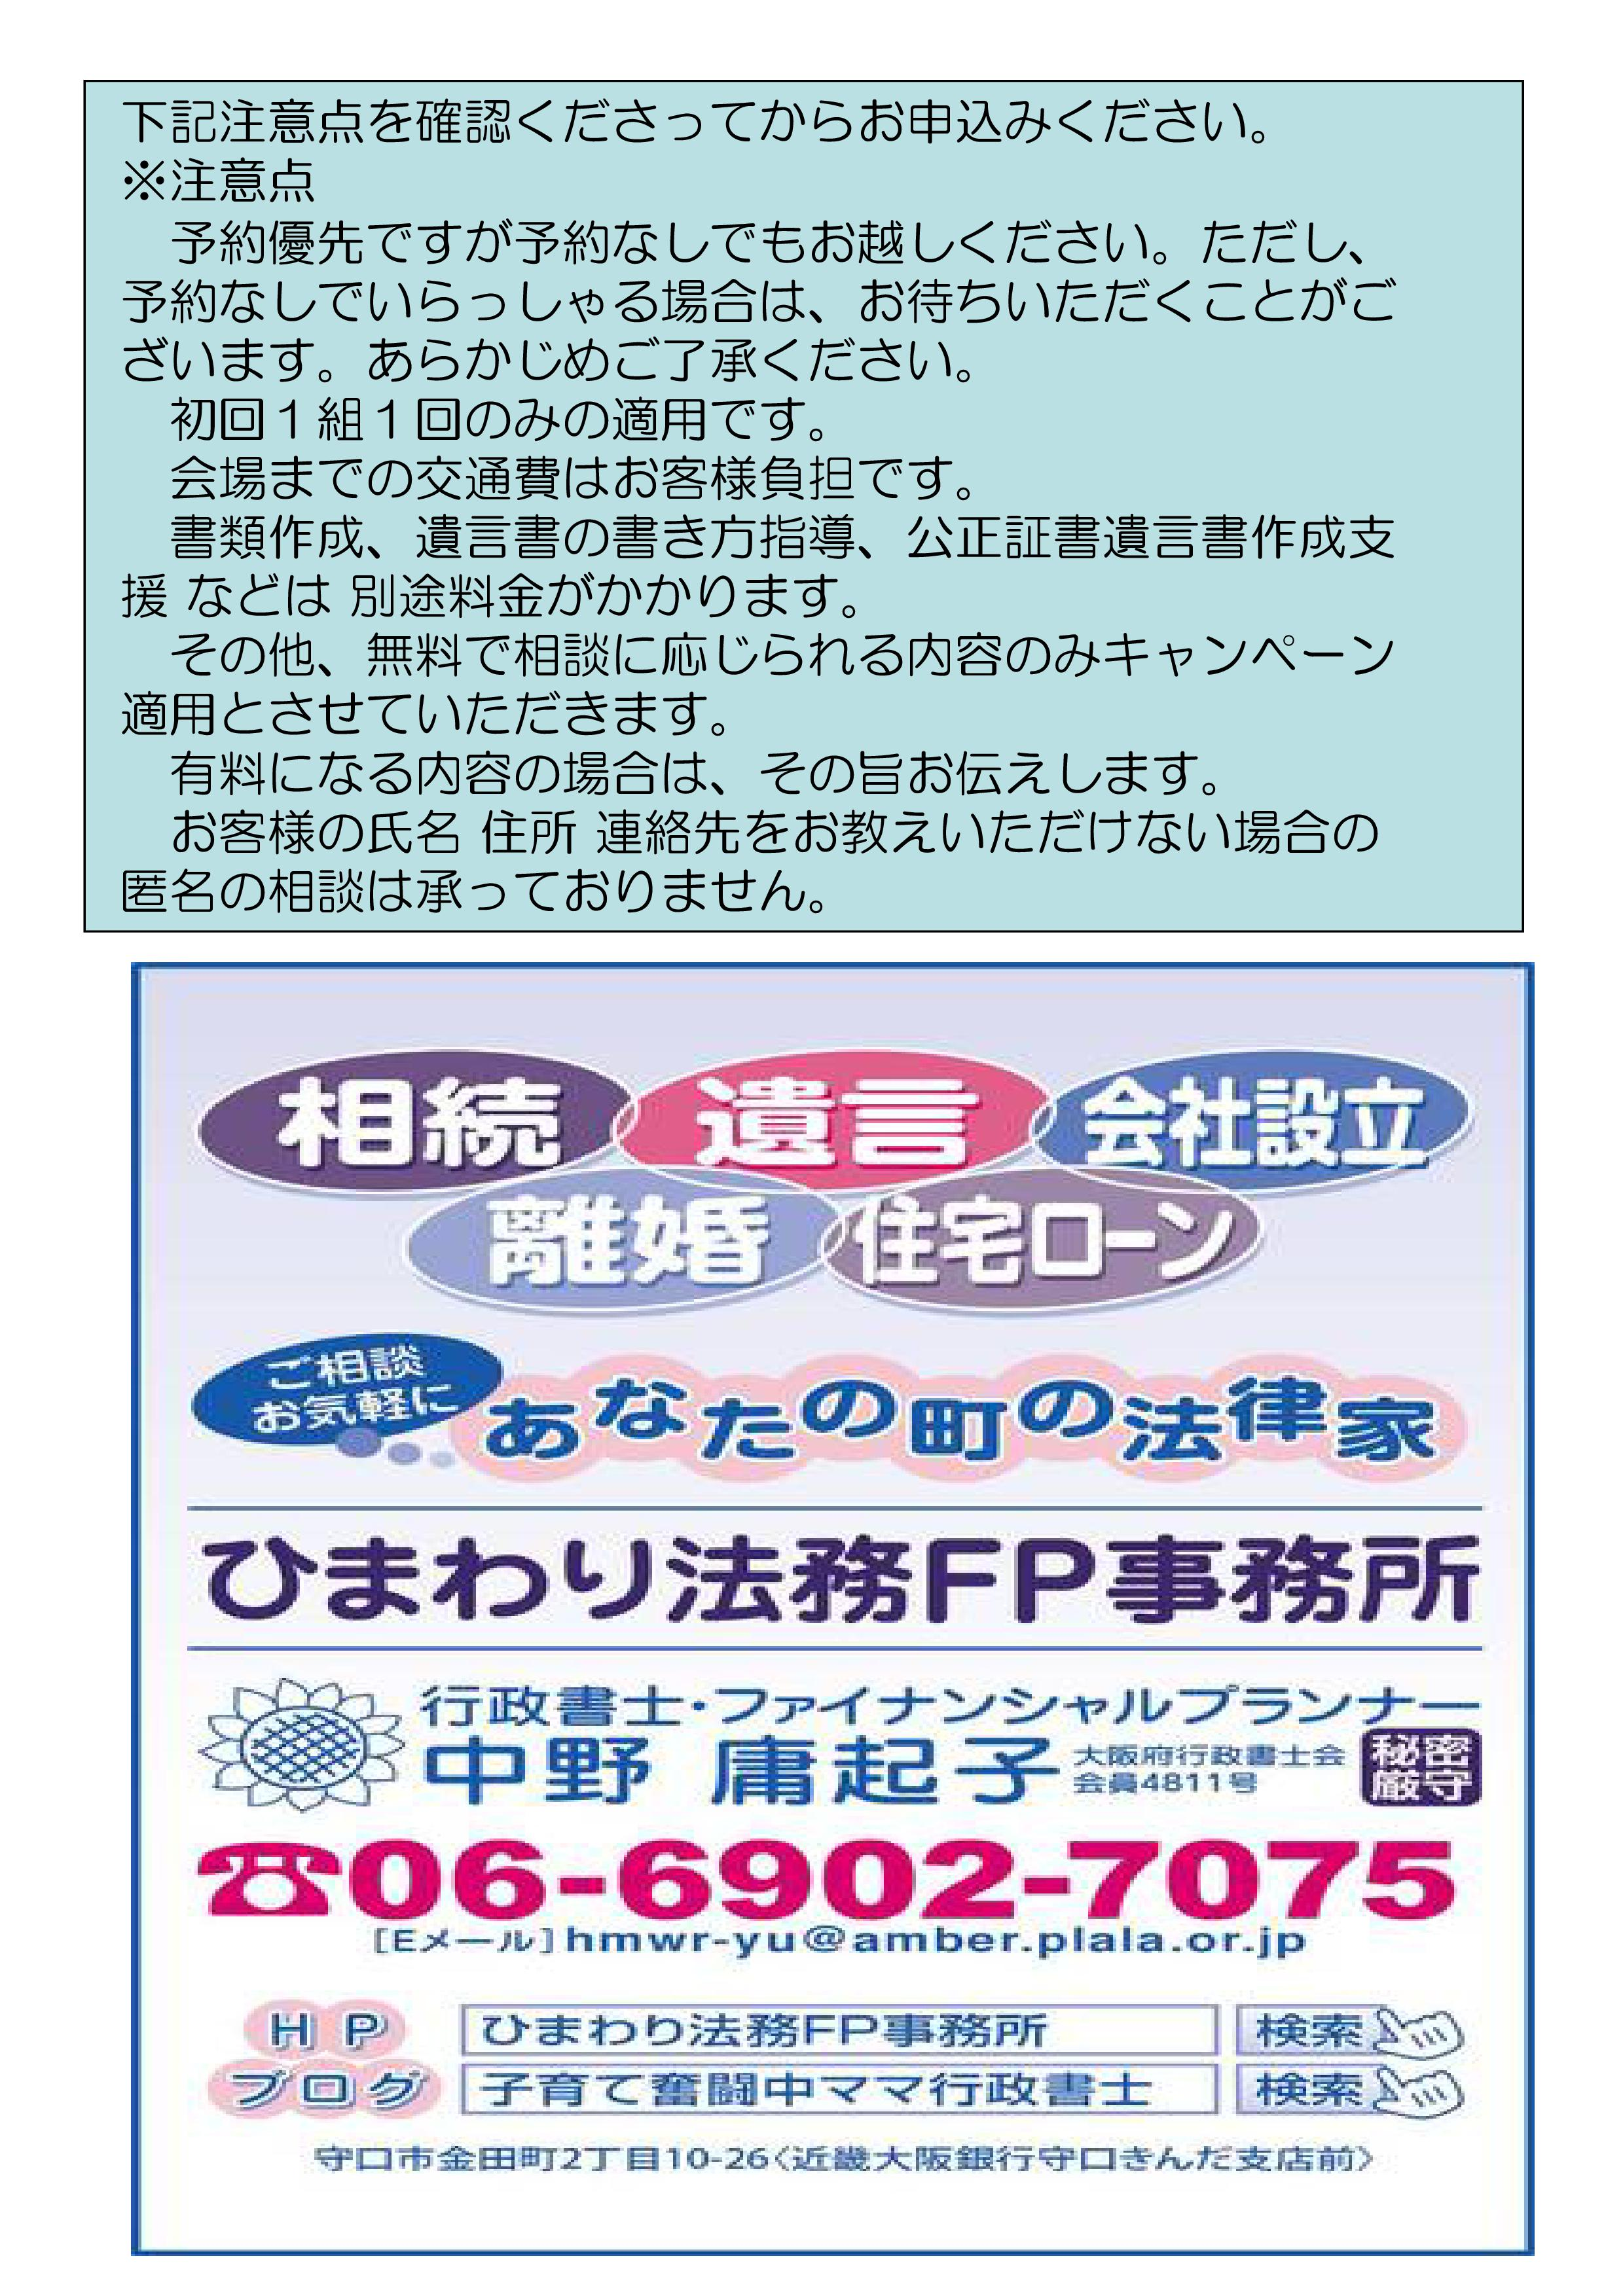 無料相談会 案内チラシ ひまわり法務 守口エナジーホール-002.jpg